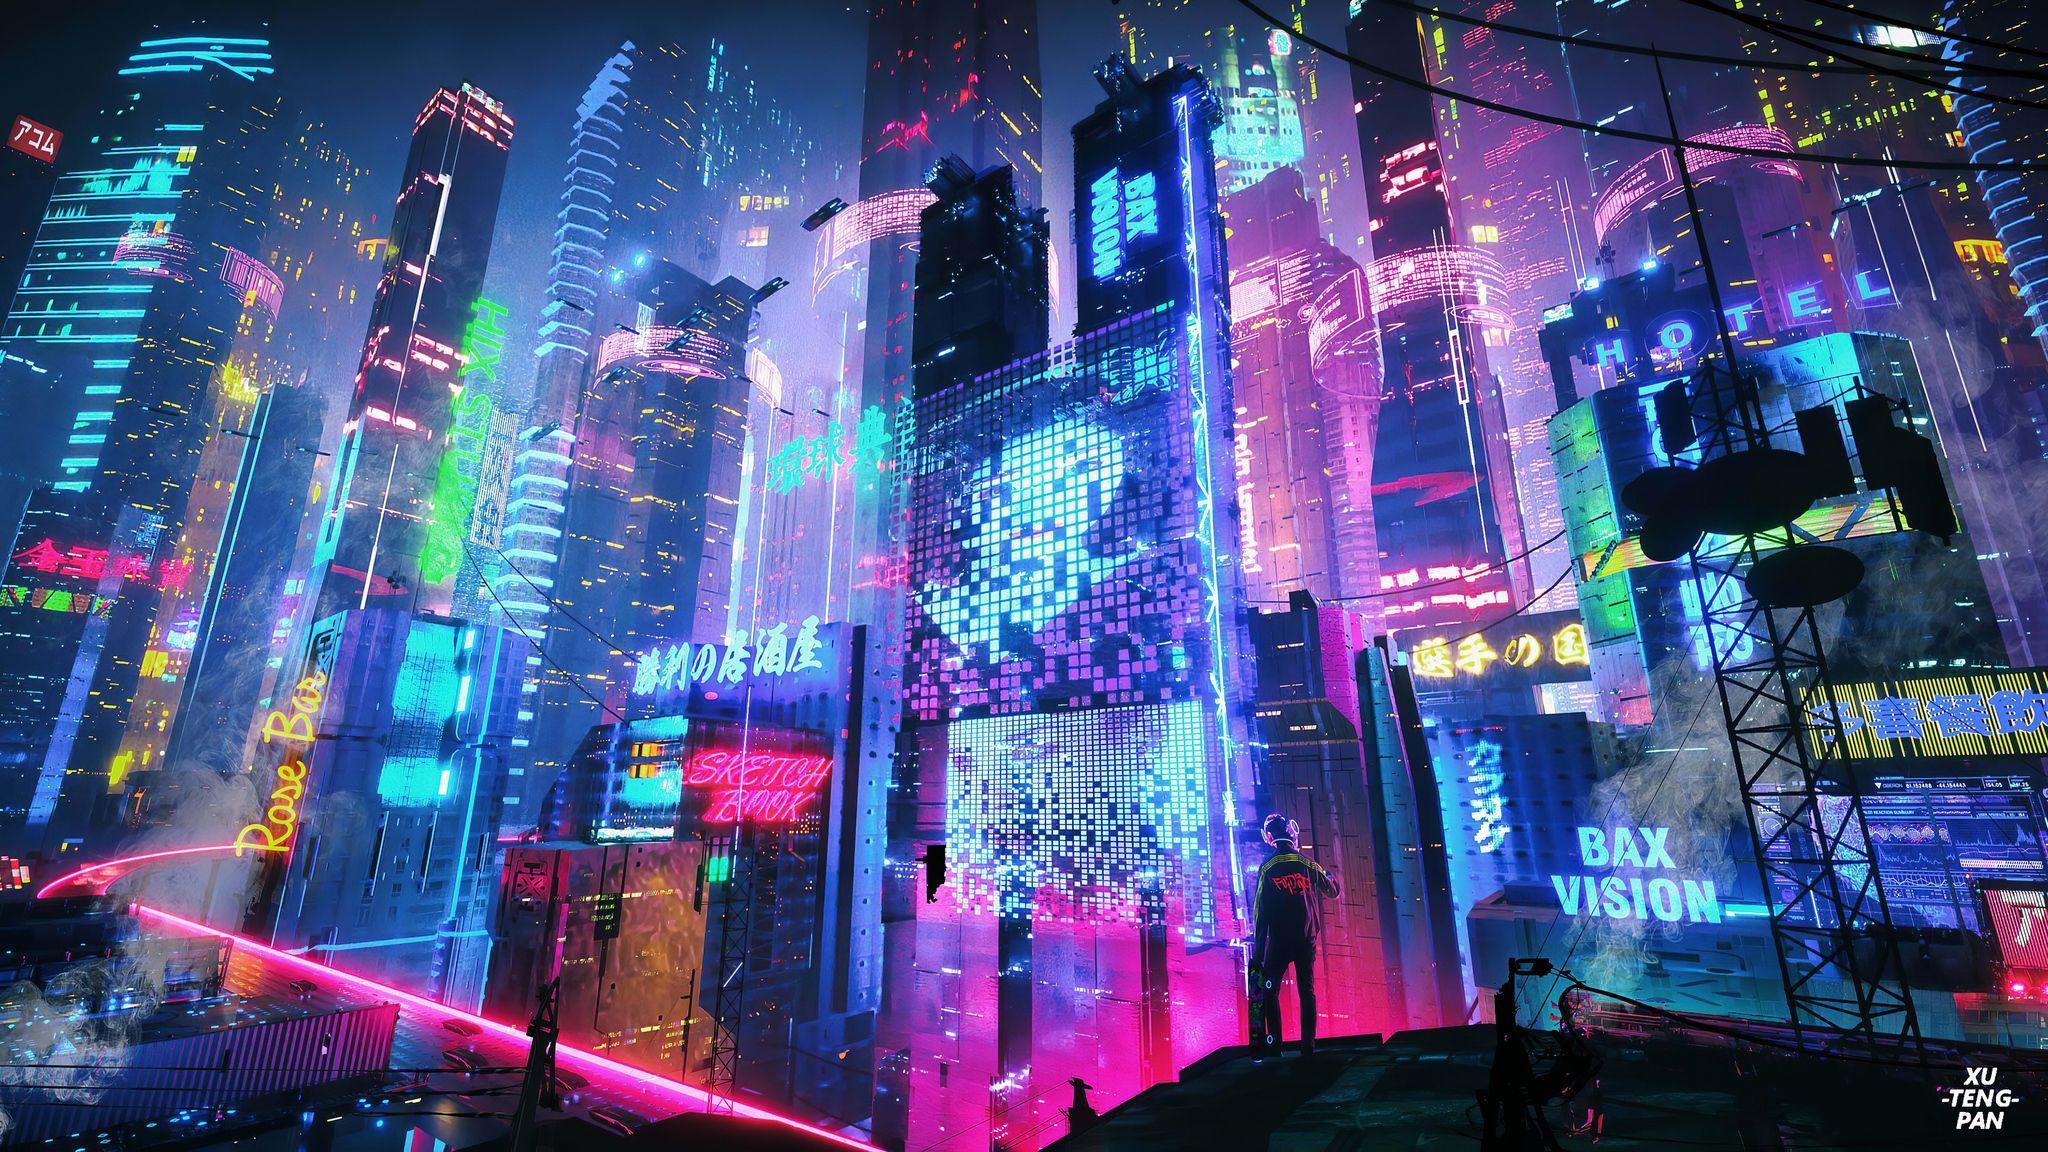 Neon City Desktop Wallpapers - Top Free Neon City Desktop ...